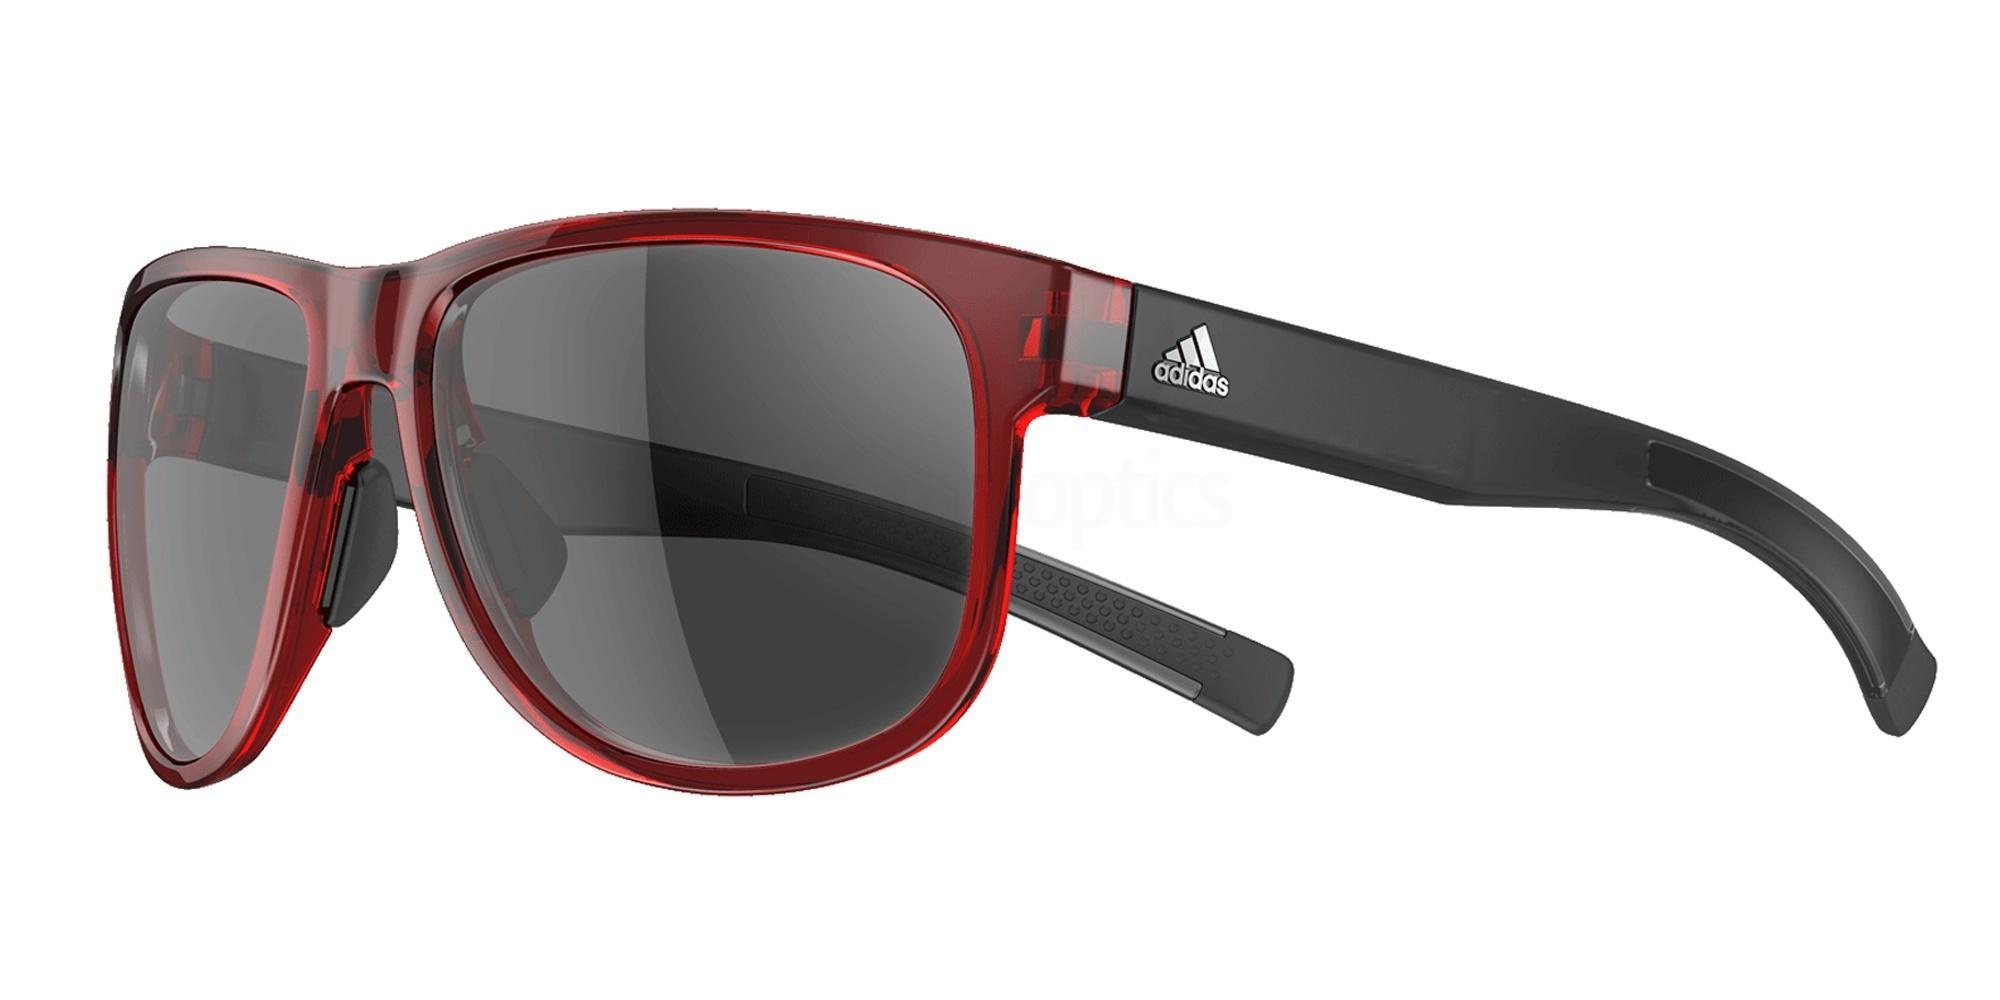 a429 00 6067 a429 sprung Sunglasses, Adidas